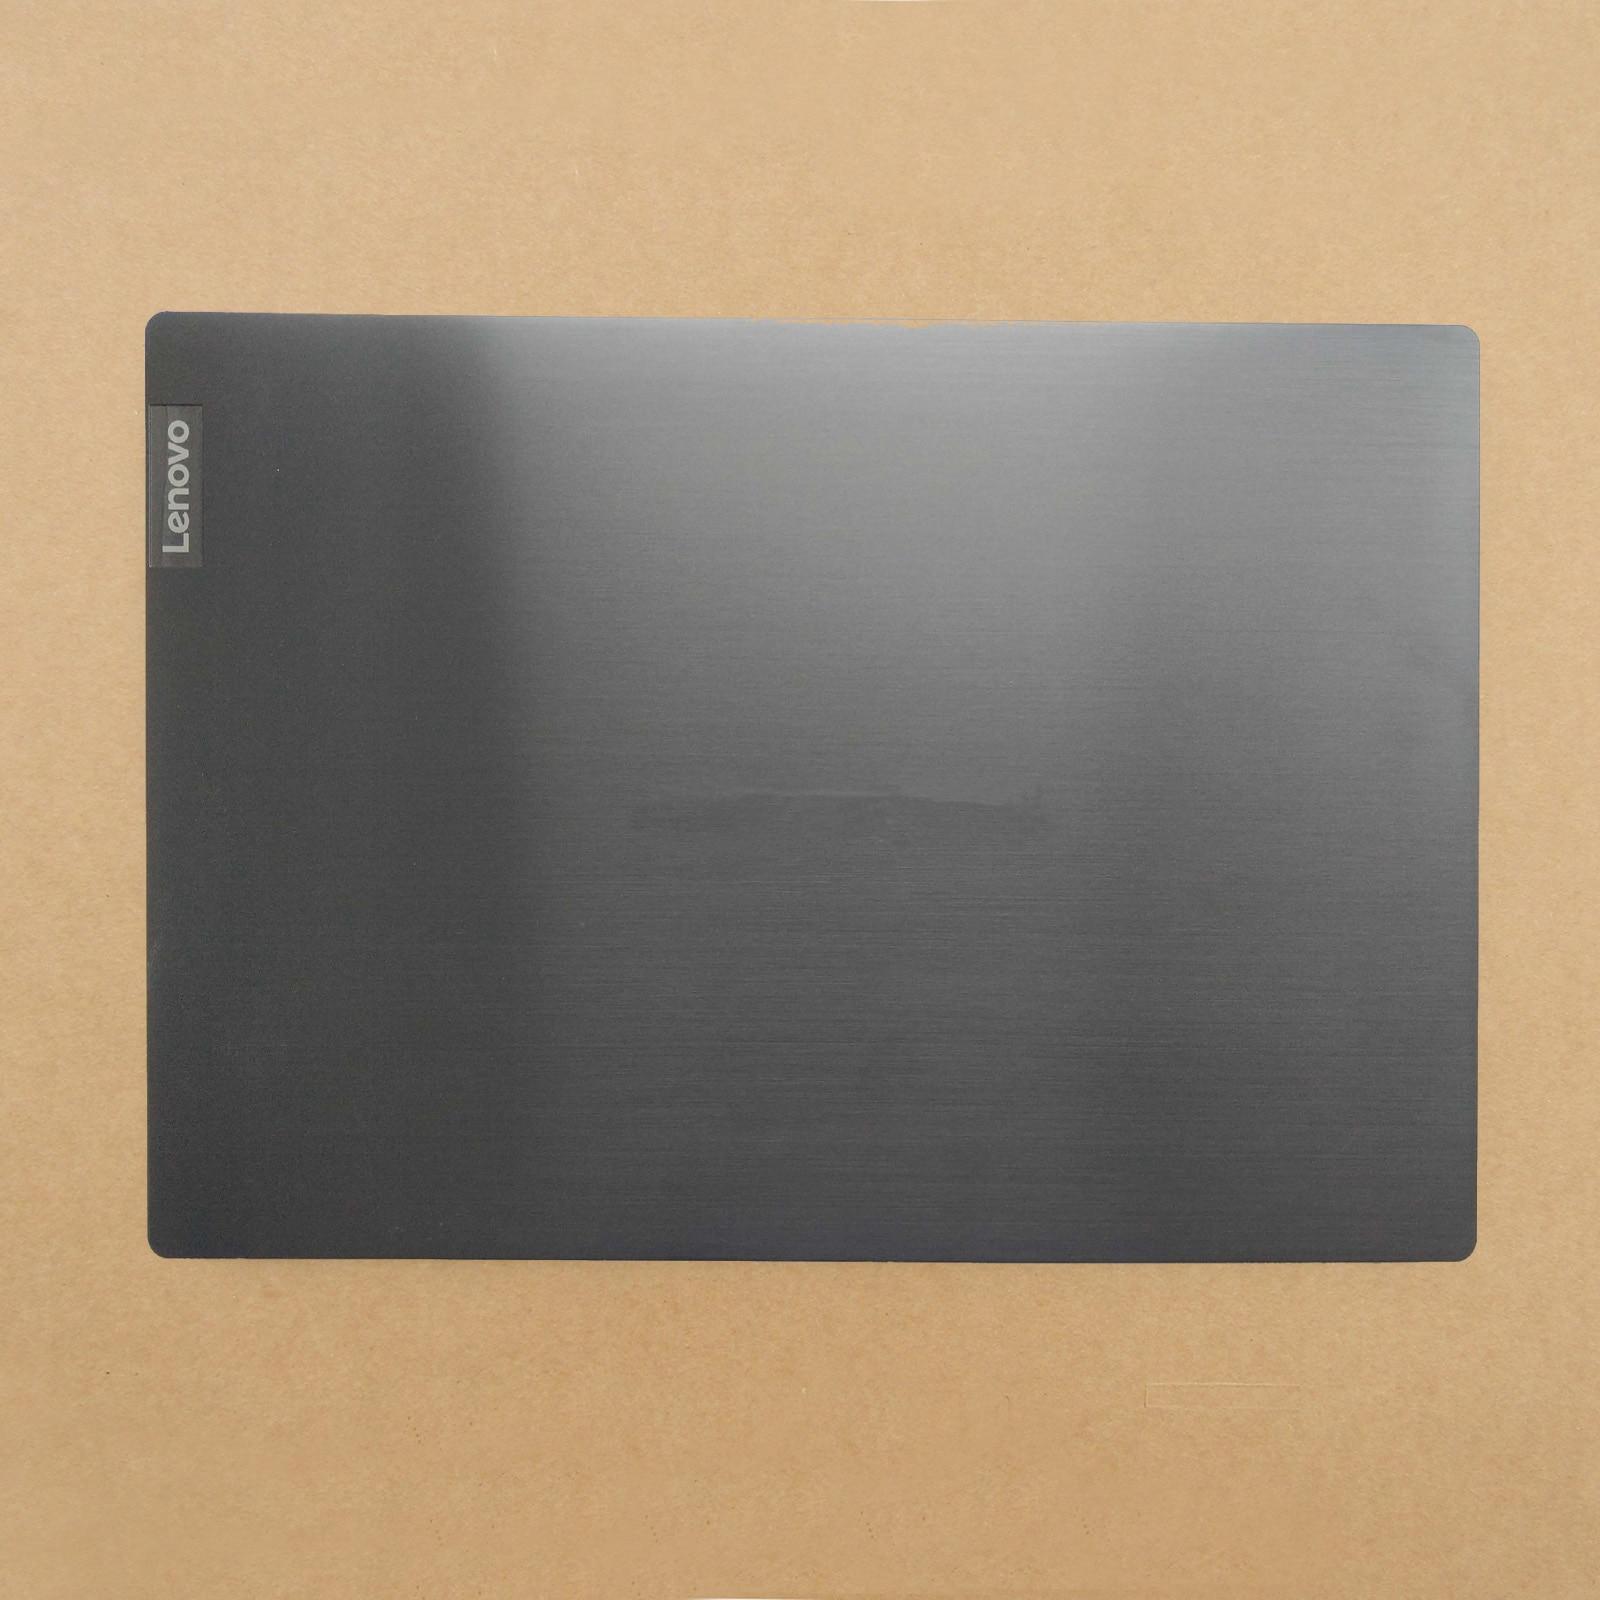 الاصليه جديد لينوفو Ideapad L340-15 LCD الخلفية غطاء الغطاء الخلفي أعلى حالة مجلس الوزراء الإسكان هيكل قذيفة